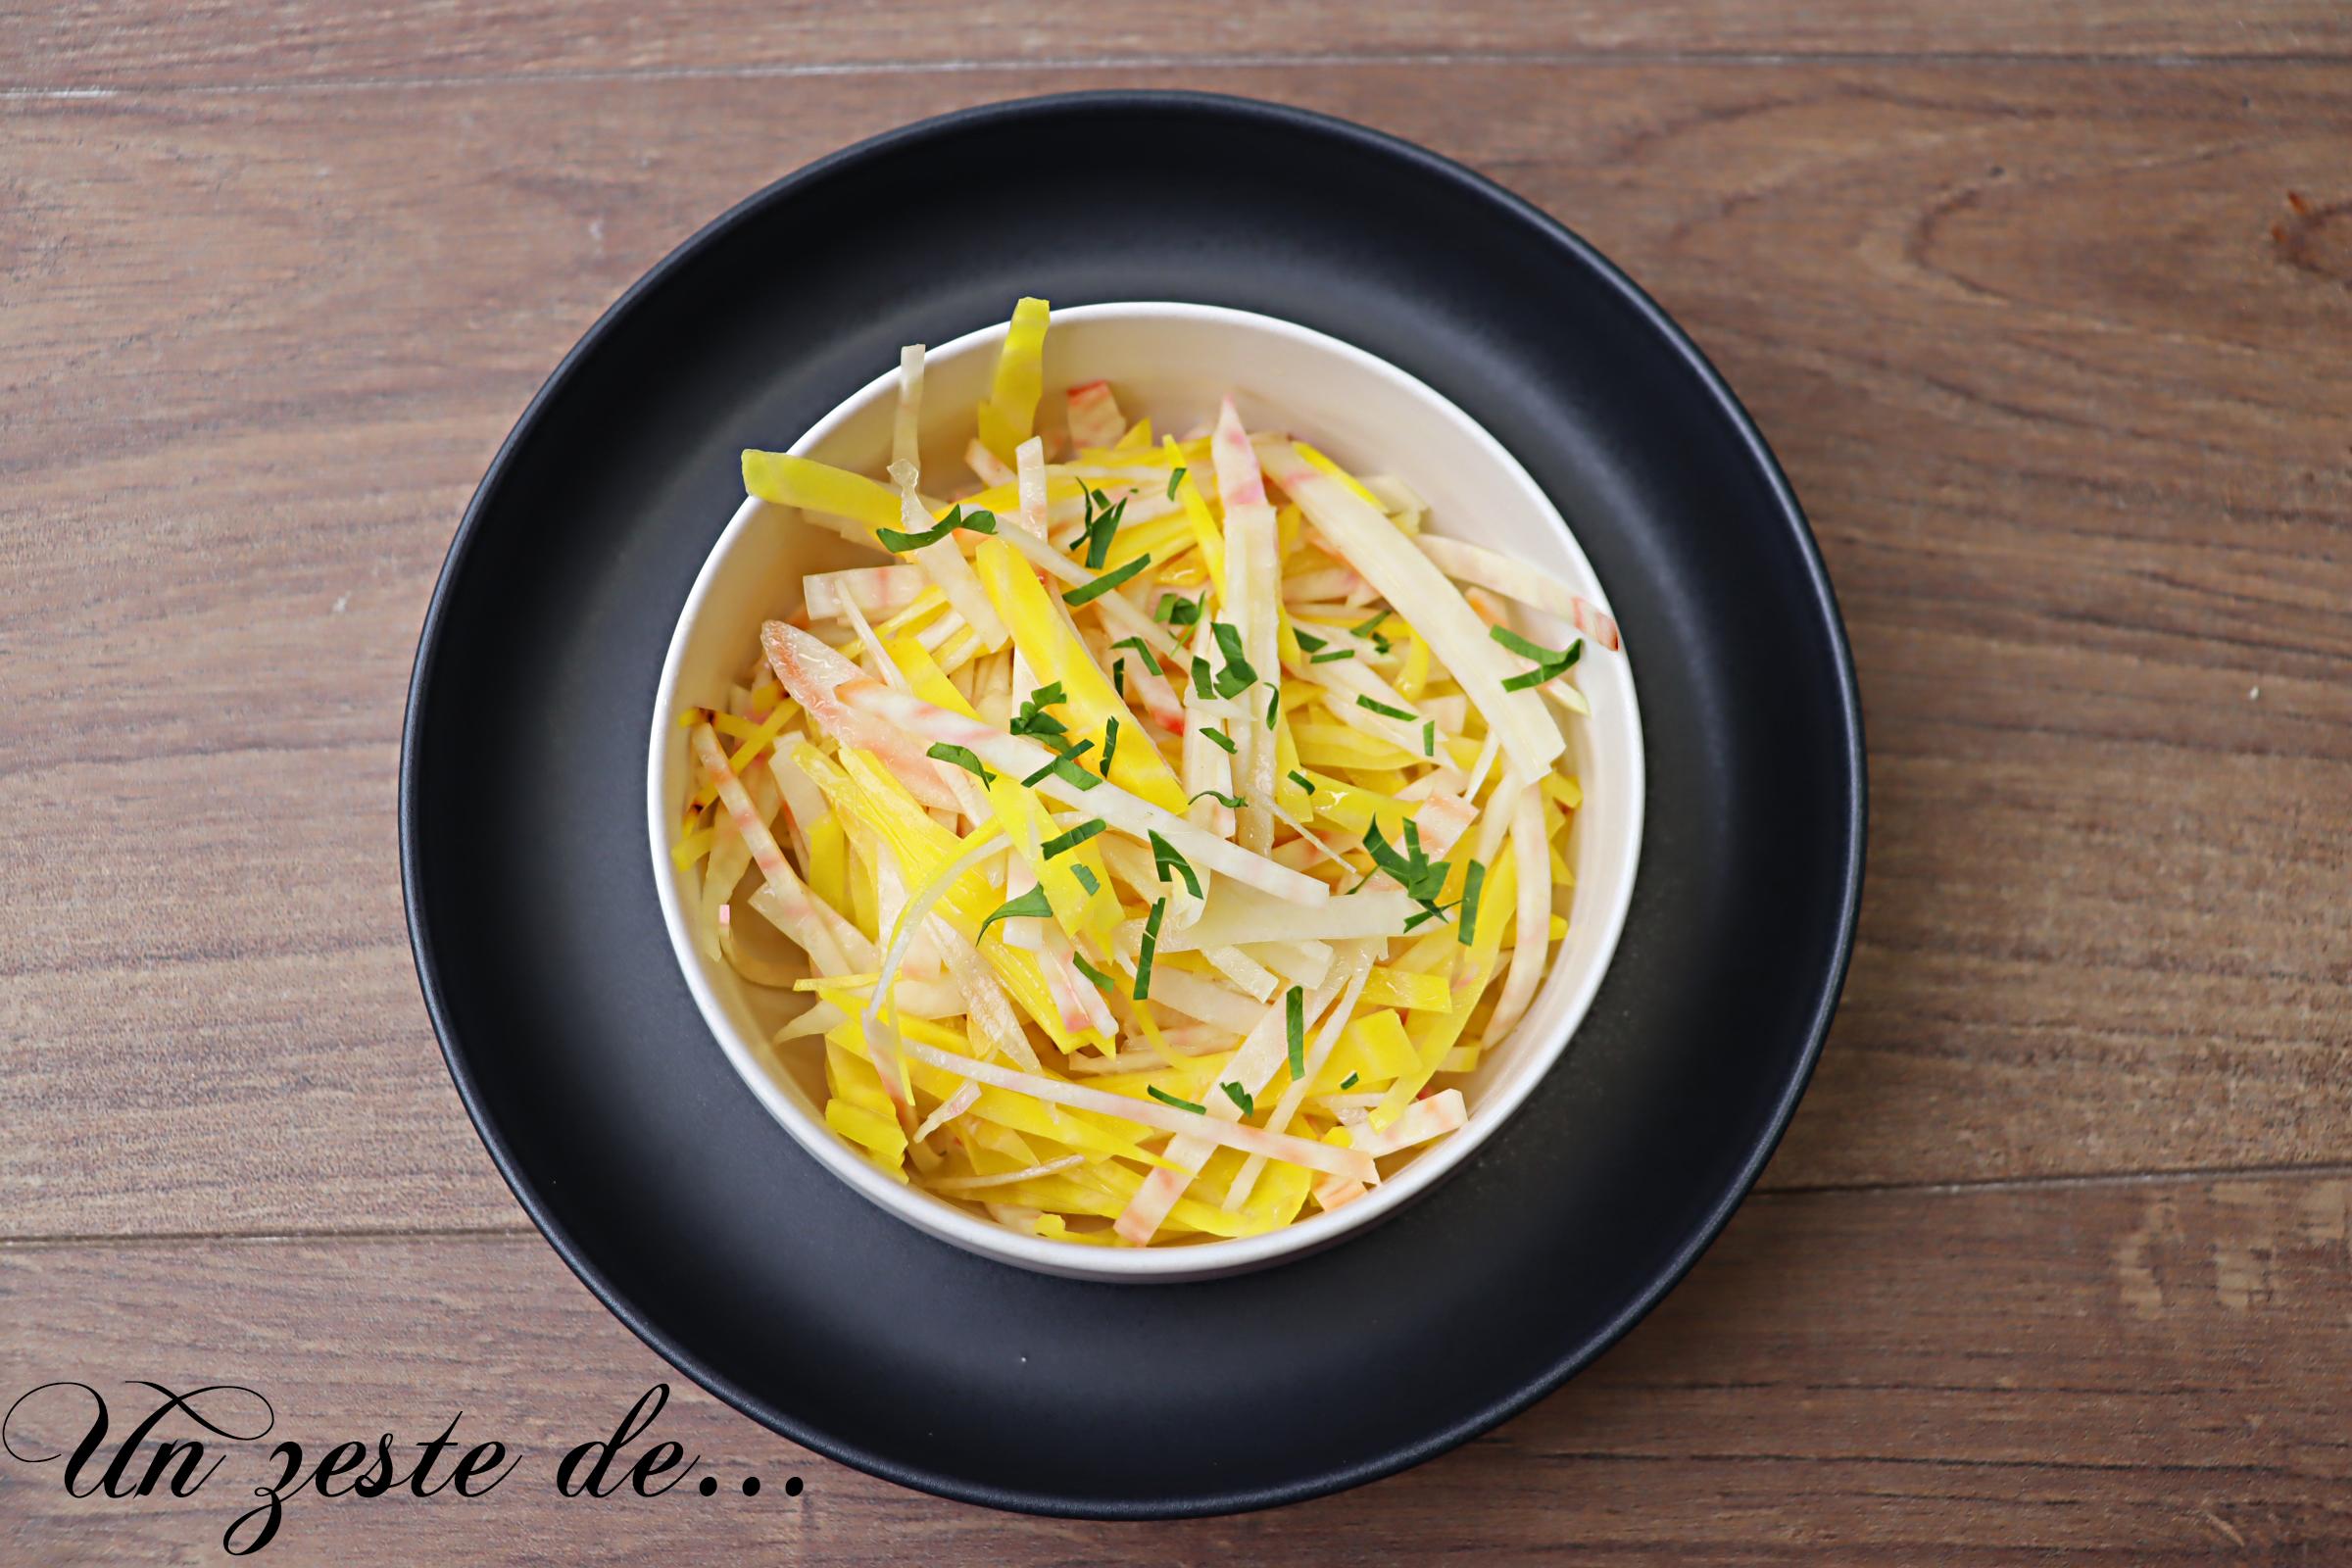 Salade de betterave giogga à l'asiatique